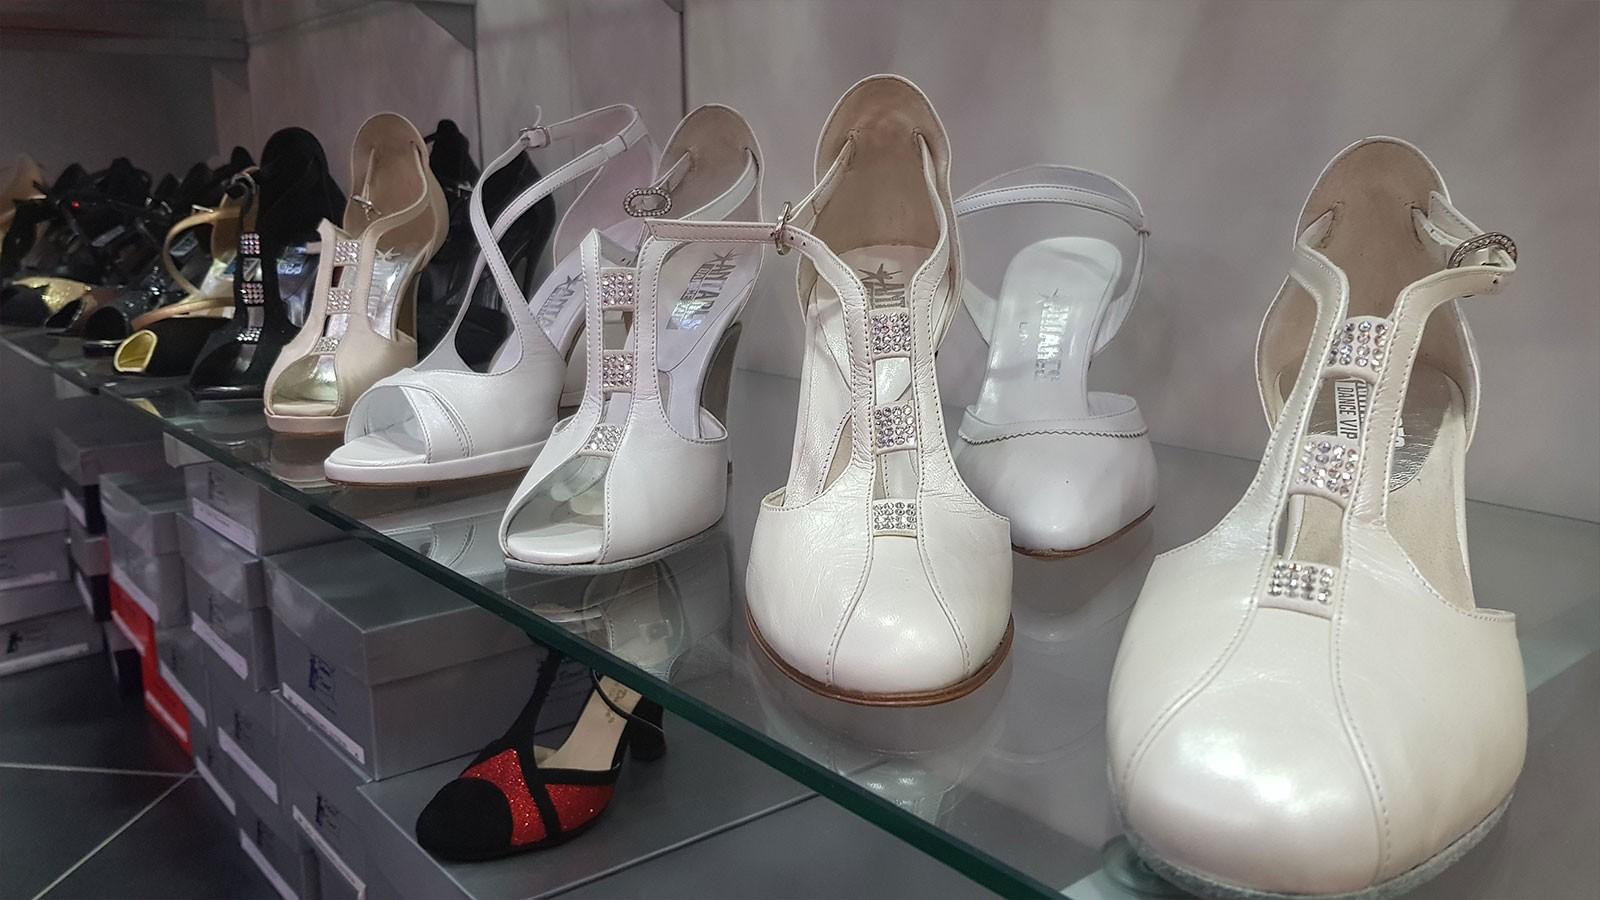 Angels scarpe da ballo Montichiari63